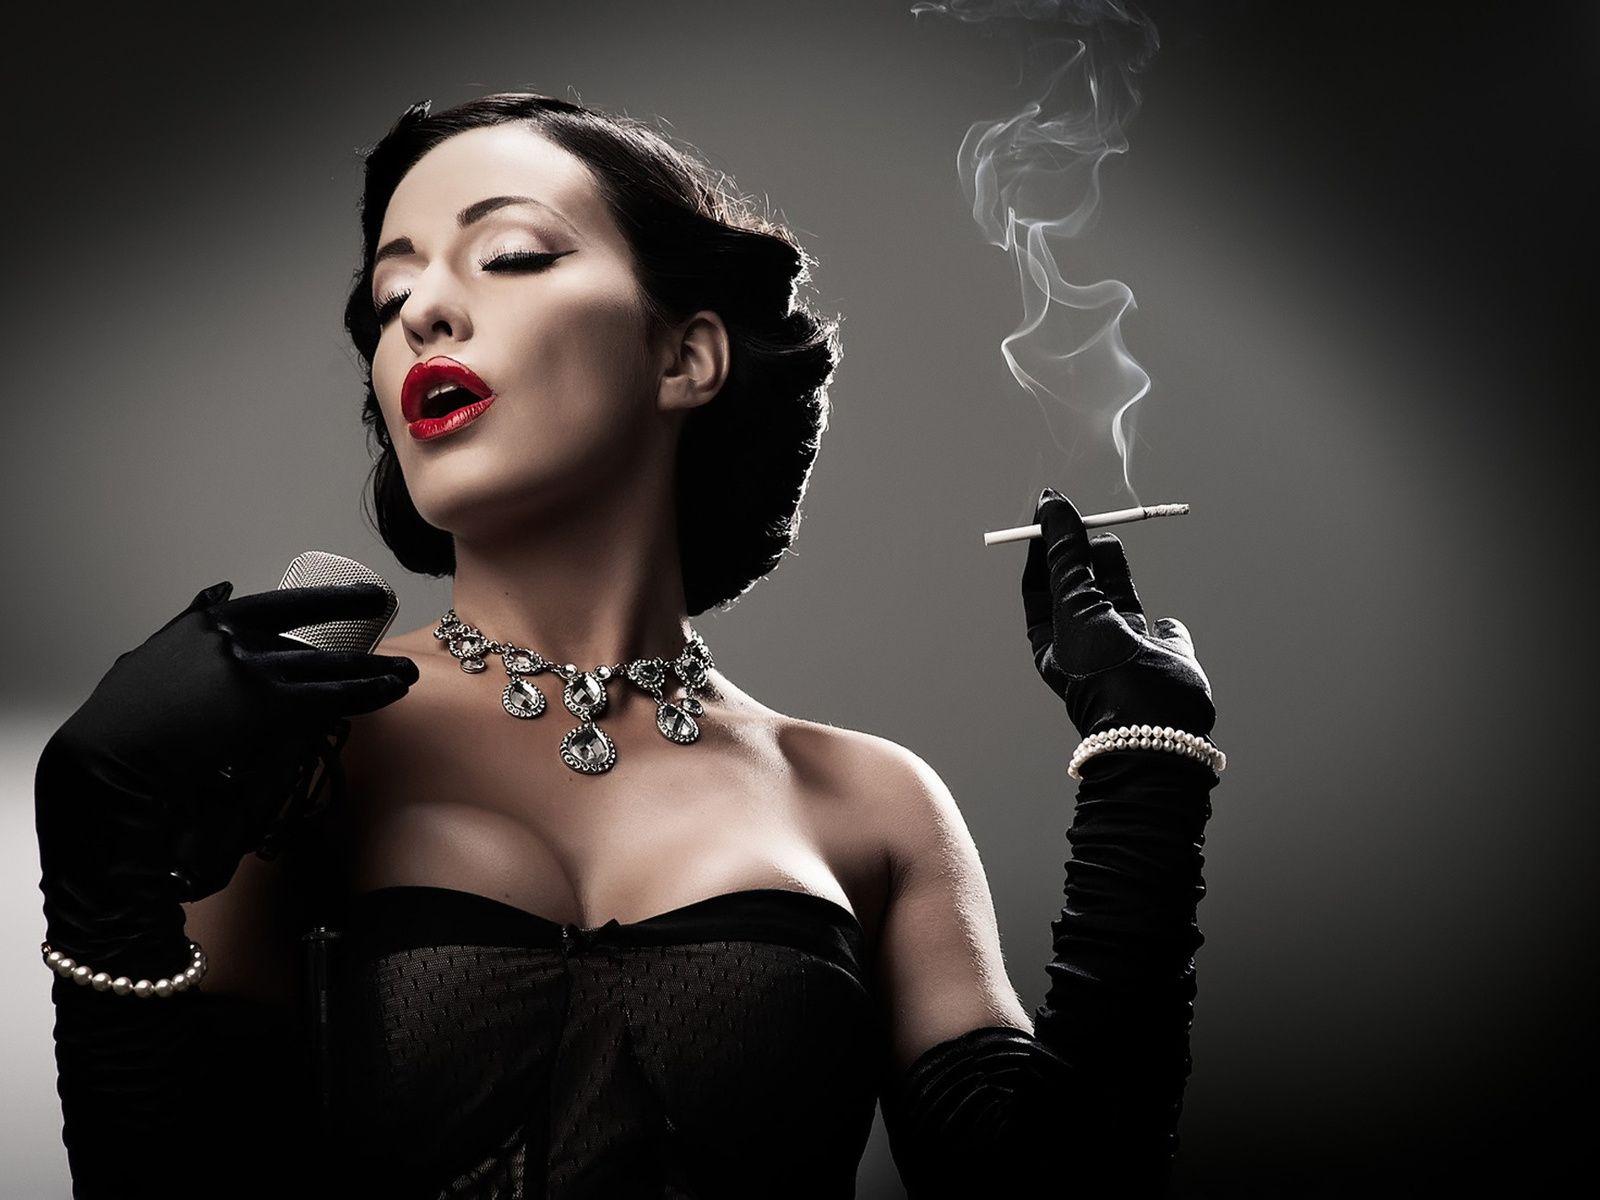 aca8d2dca8a0d0d ретро, сигарета, дым, микрофон, лицо, певица, брюнетка, в черном, платье,  перчатки, ожерелье, девушка,лицо,браслет,грудь,пепел